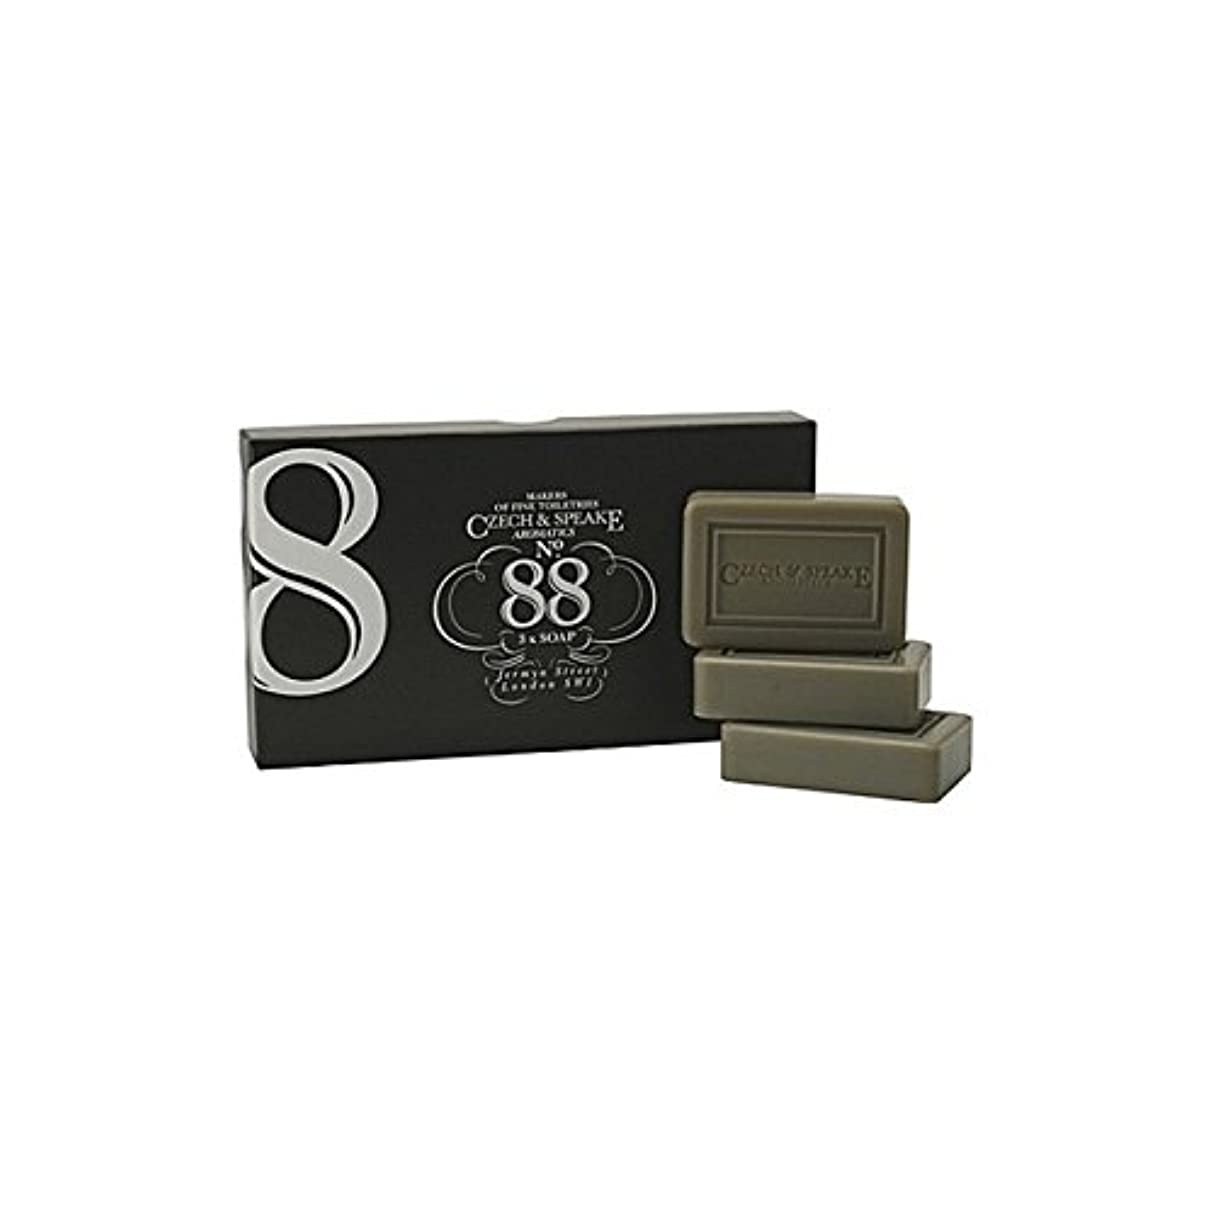 肝つまずく君主制チェコ&スピーク.88ソープセット x4 - Czech & Speake No.88 Soap Set (Pack of 4) [並行輸入品]